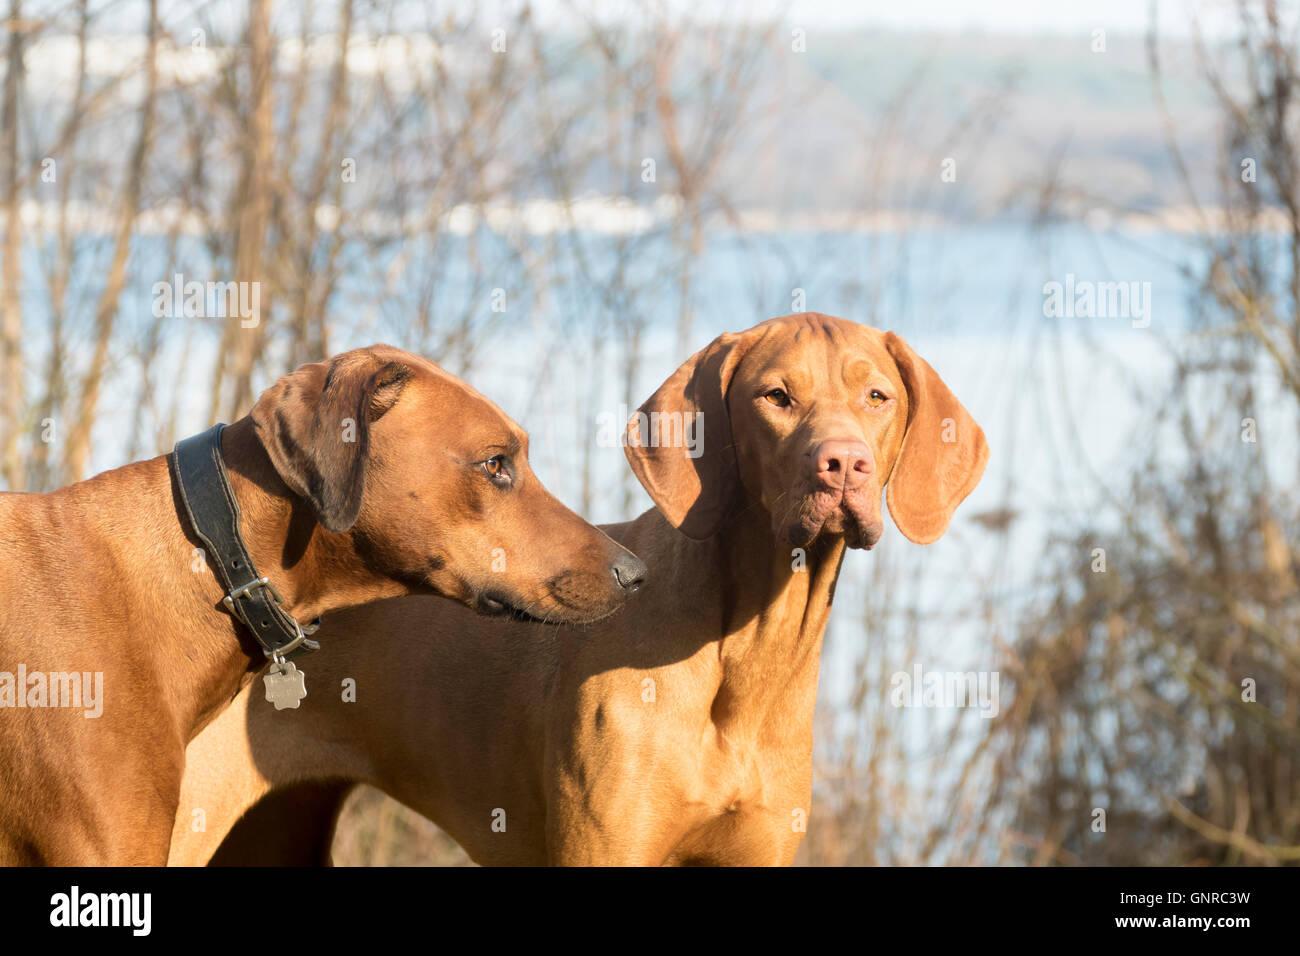 01.03.2016, Berlin, Deutschland - Hunde stehen auf einer Wiese. 0GB160301D002CARO.JPG [MODEL RELEASE: NOT APPLICABLE, Stock Photo